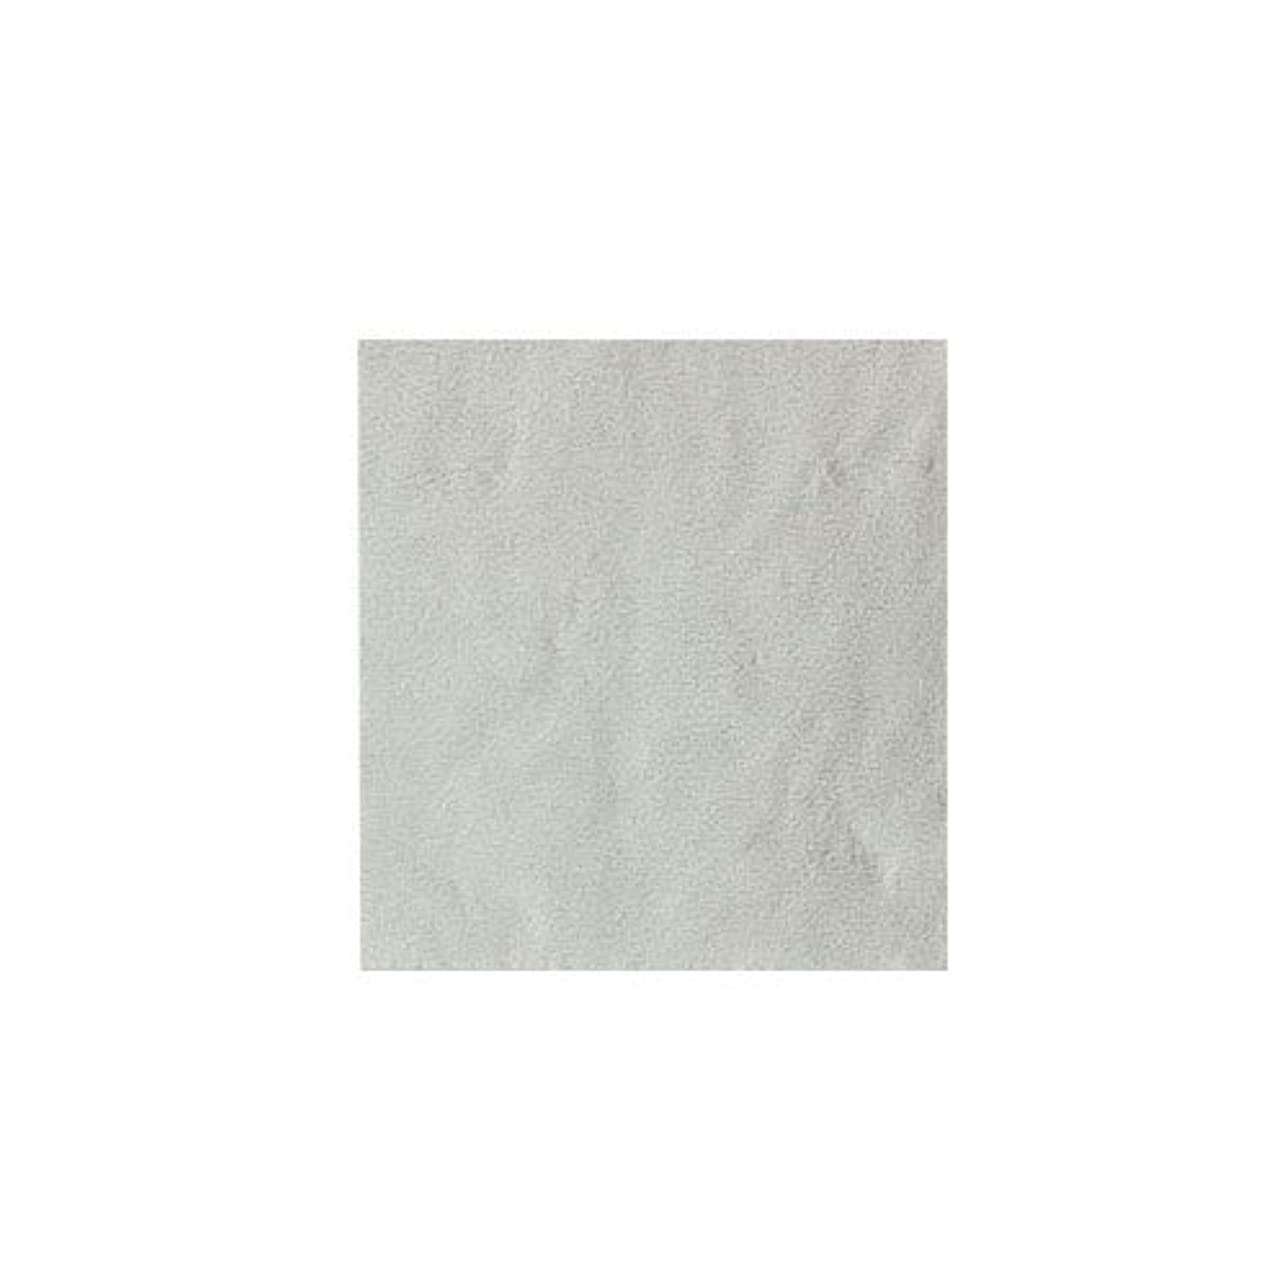 に頼る感度レースピカエース ネイル用パウダー パステル銀箔 #640 パステルホワイト 3.5㎜角×5枚